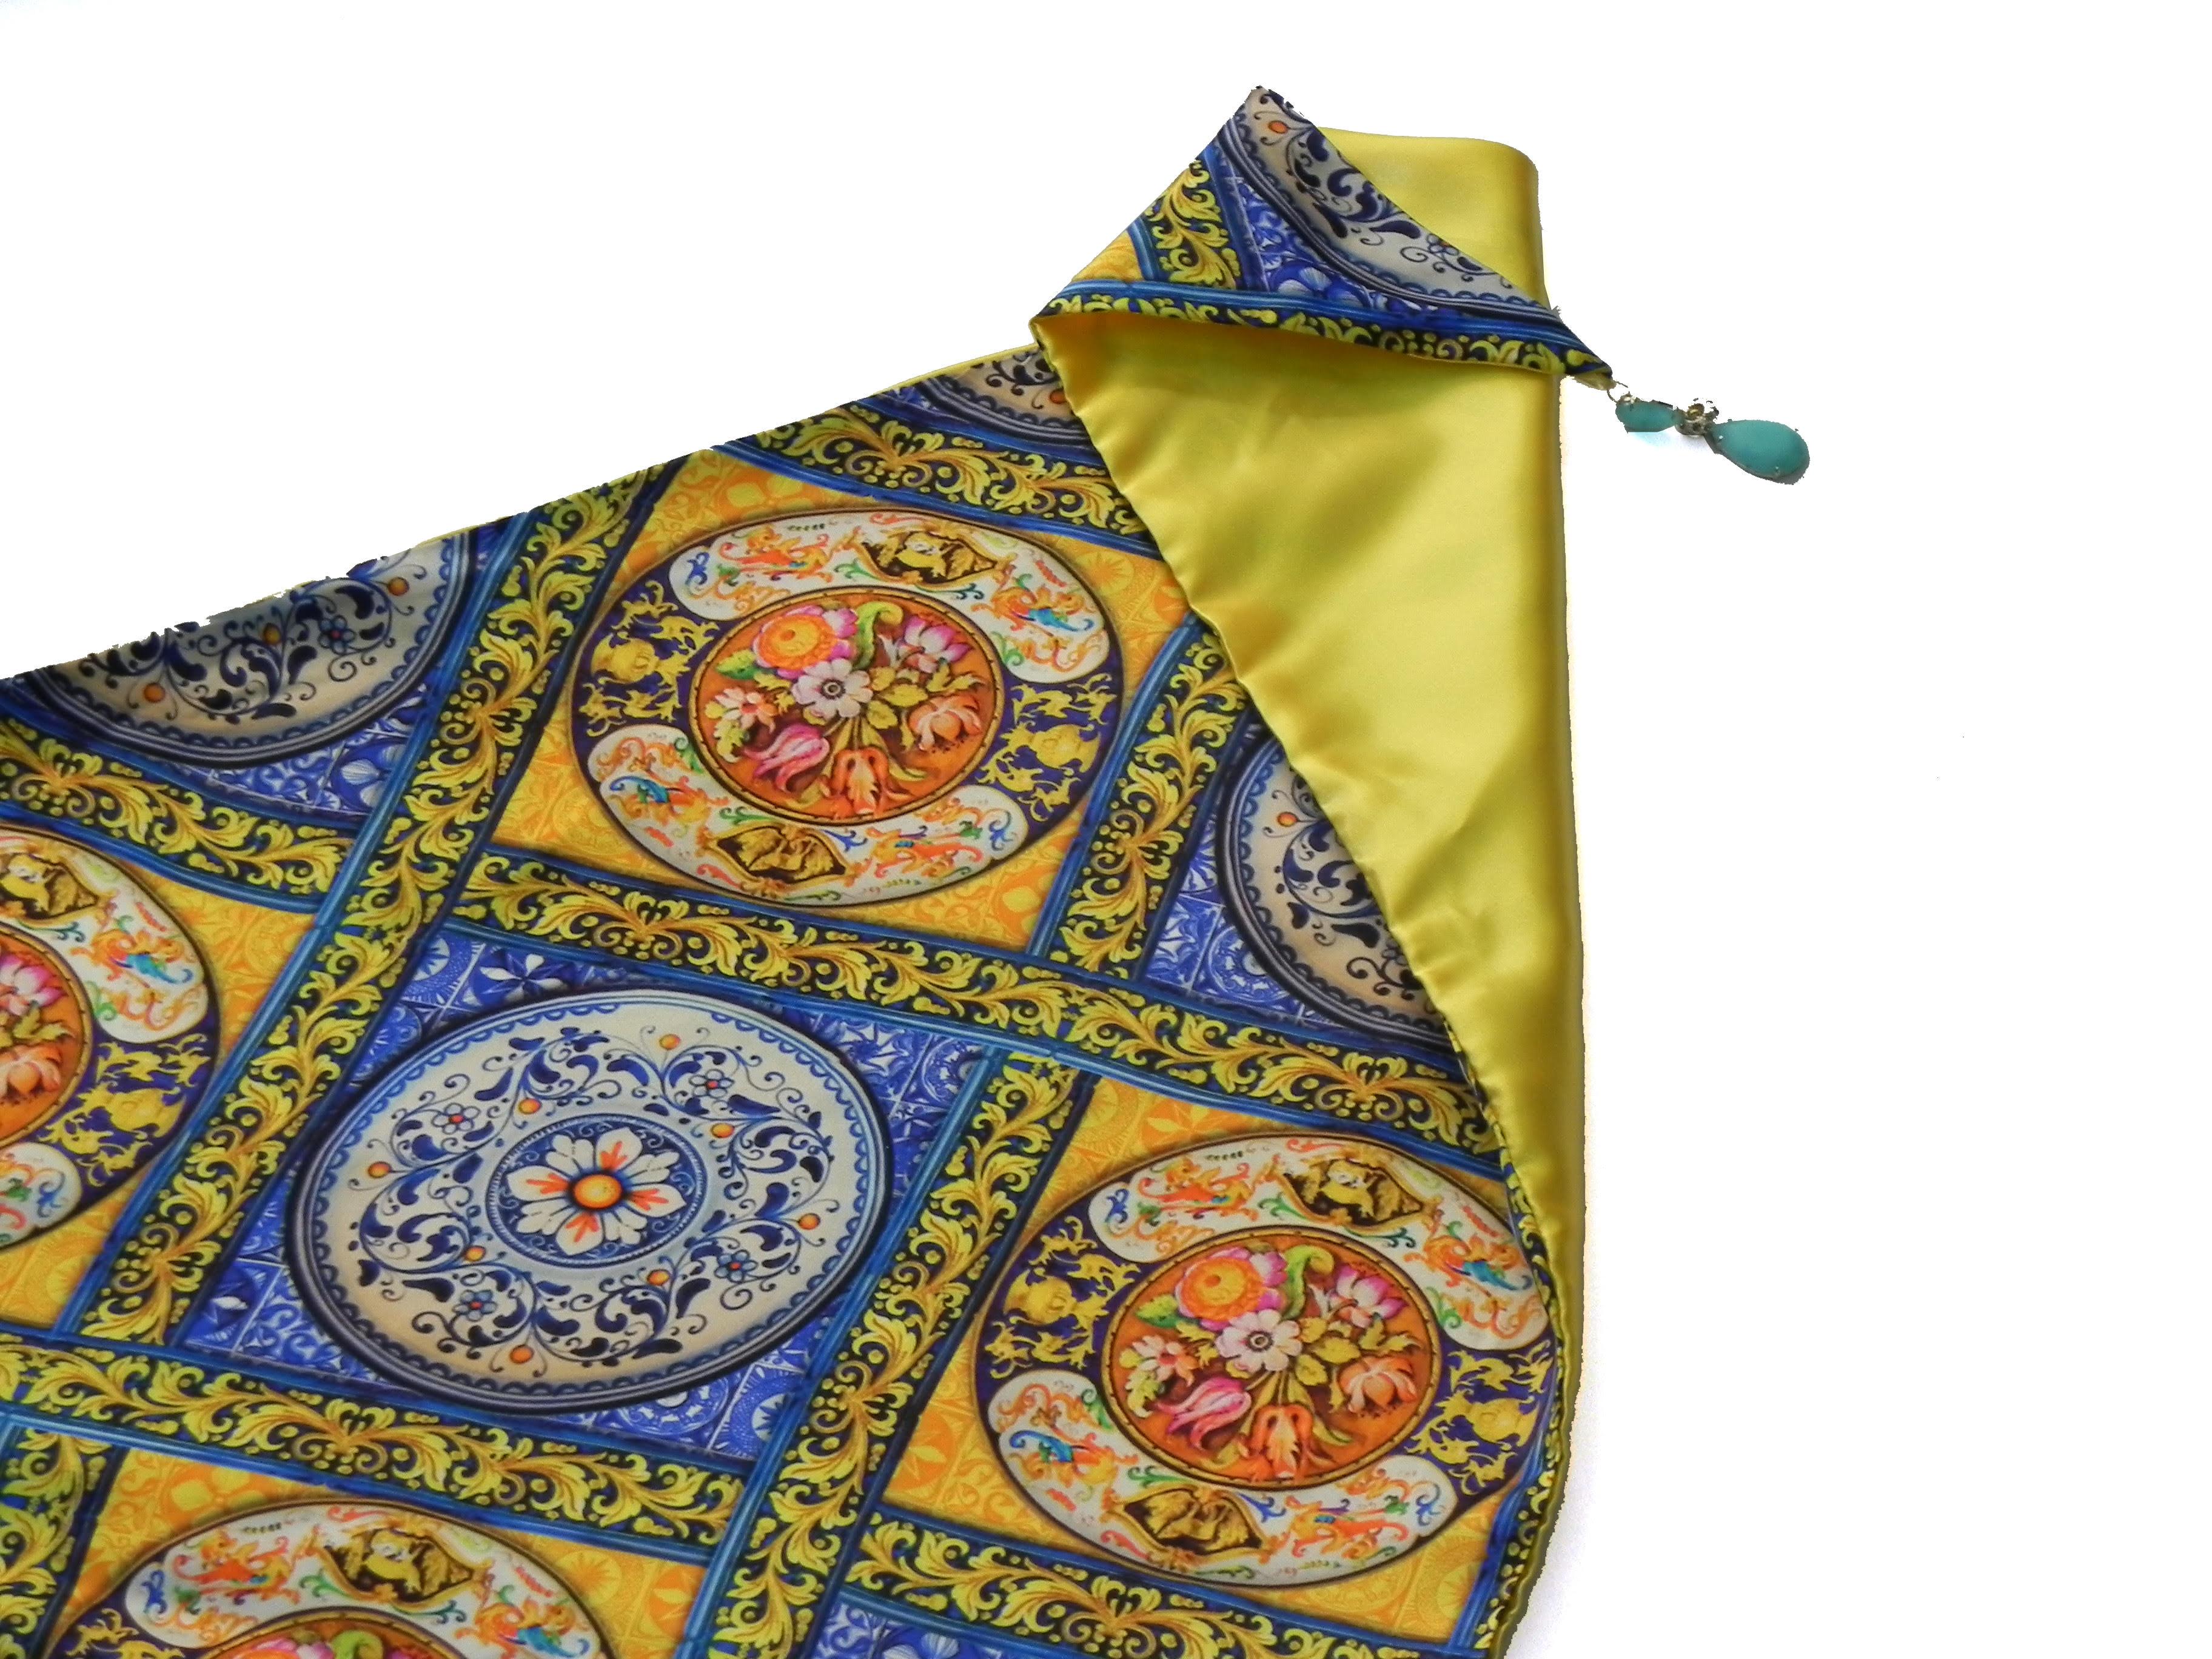 seleziona per autentico Raccogliere design senza tempo Scialle Tjndara seta maiolica siciliana - Bottega Farnese